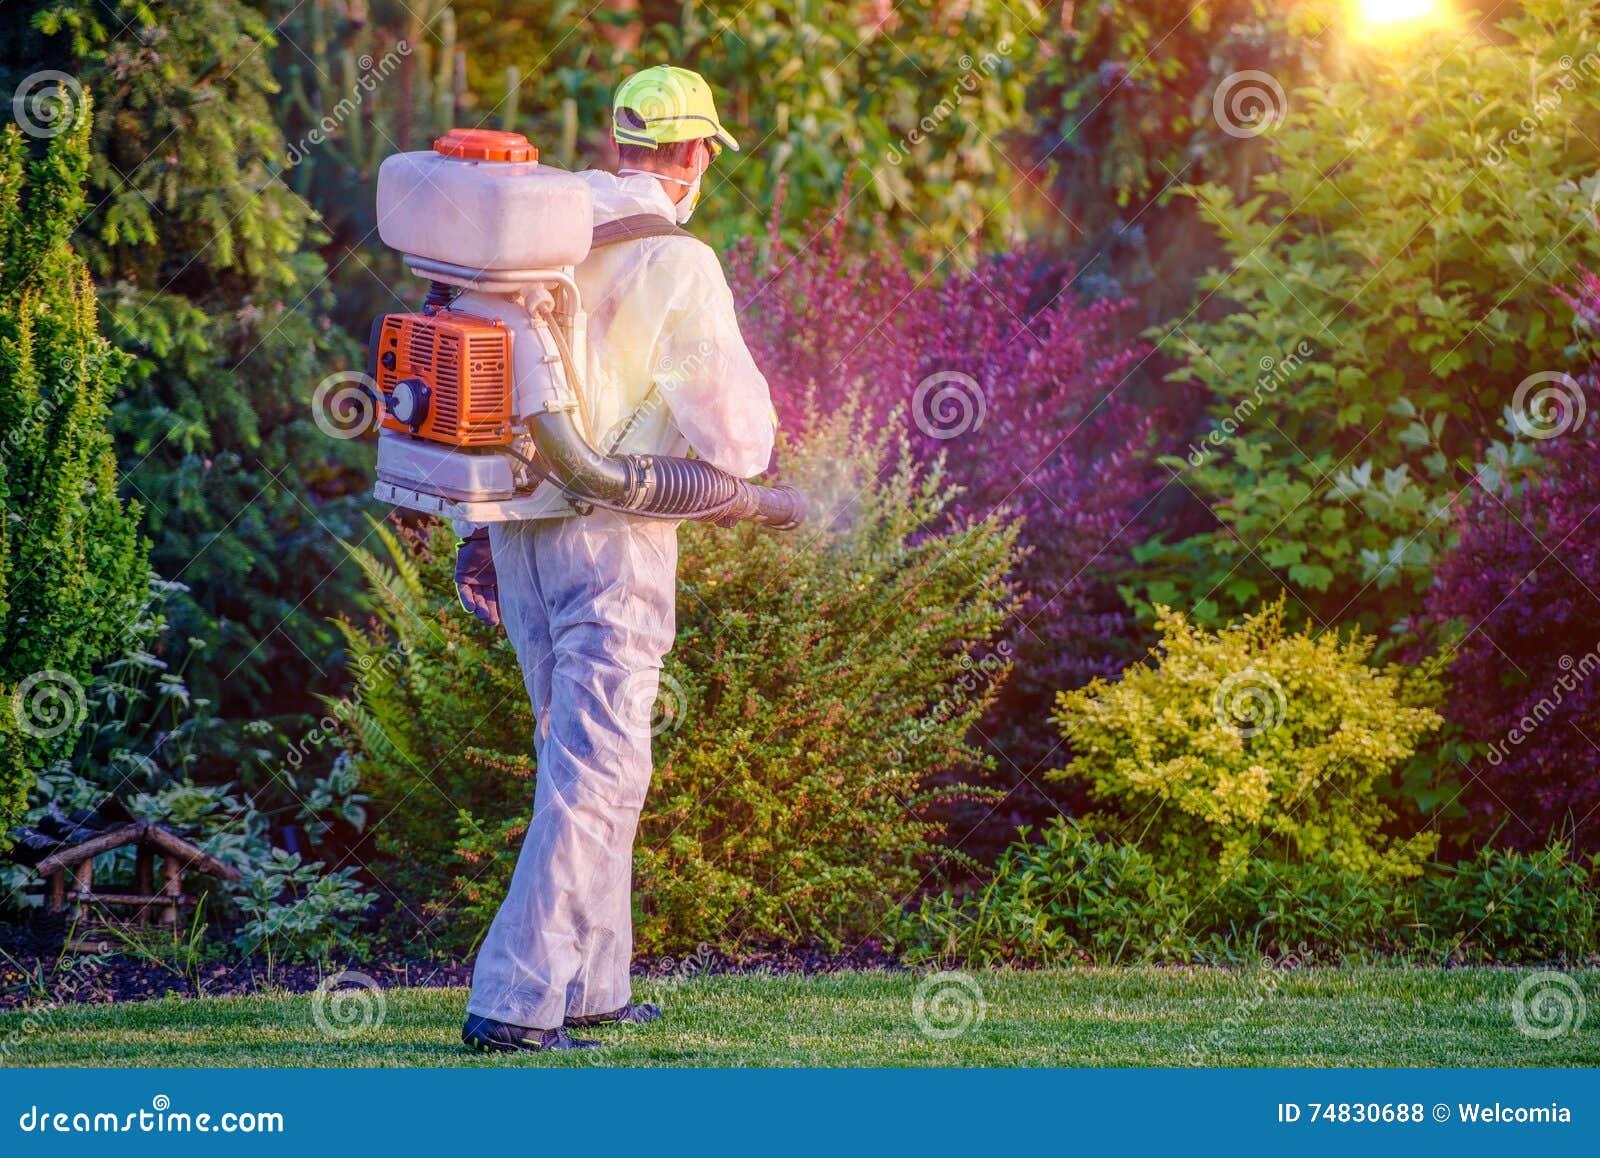 Pulverização do jardim do controlo de pragas